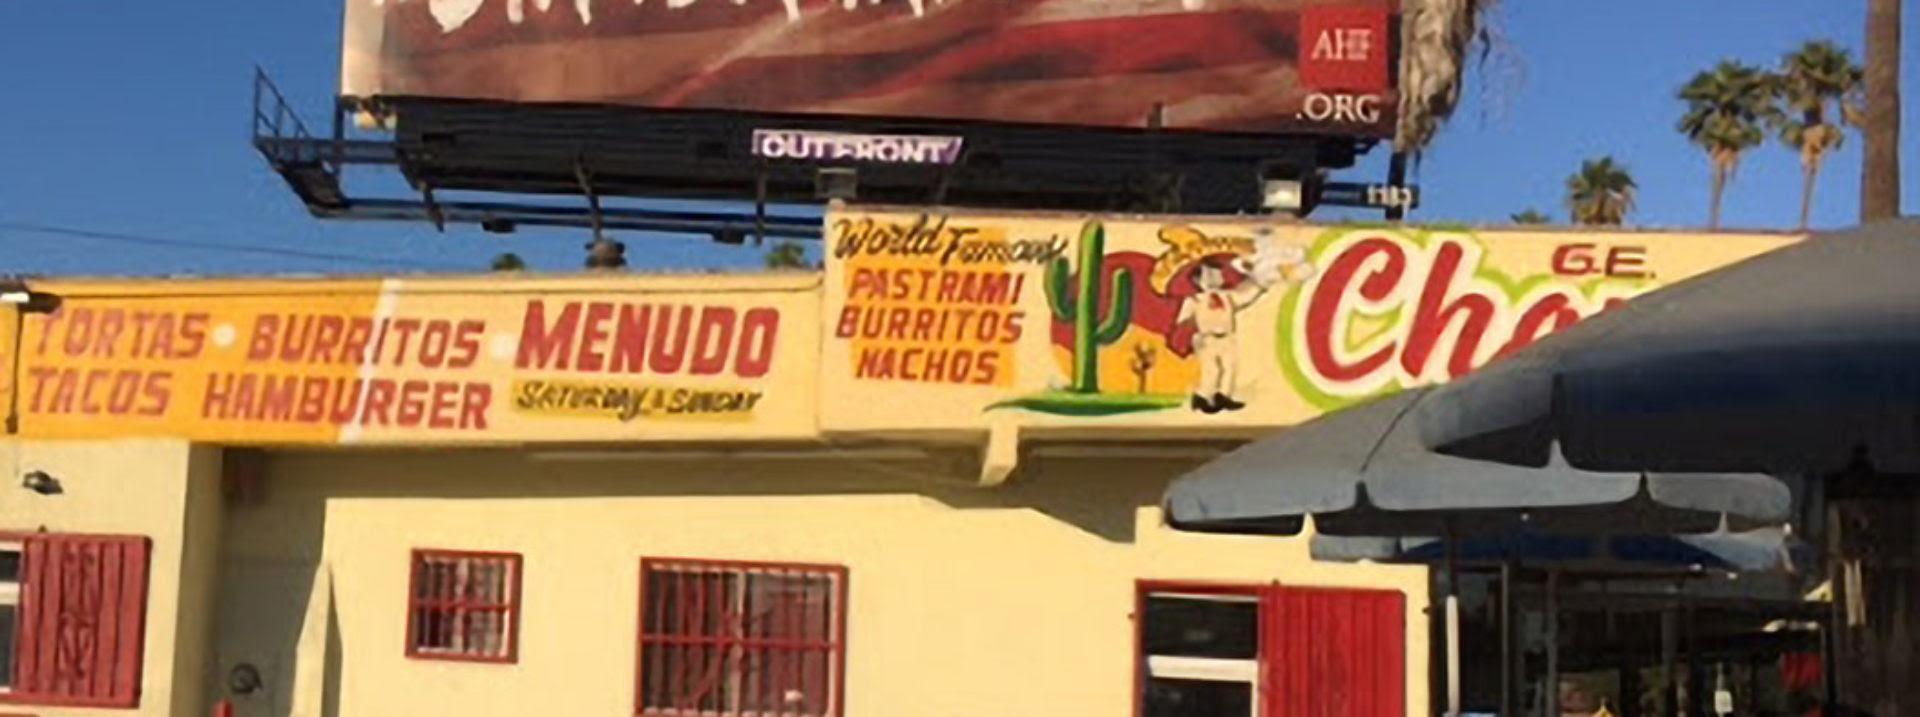 G.E Chano's Drive Thru Mexican Food